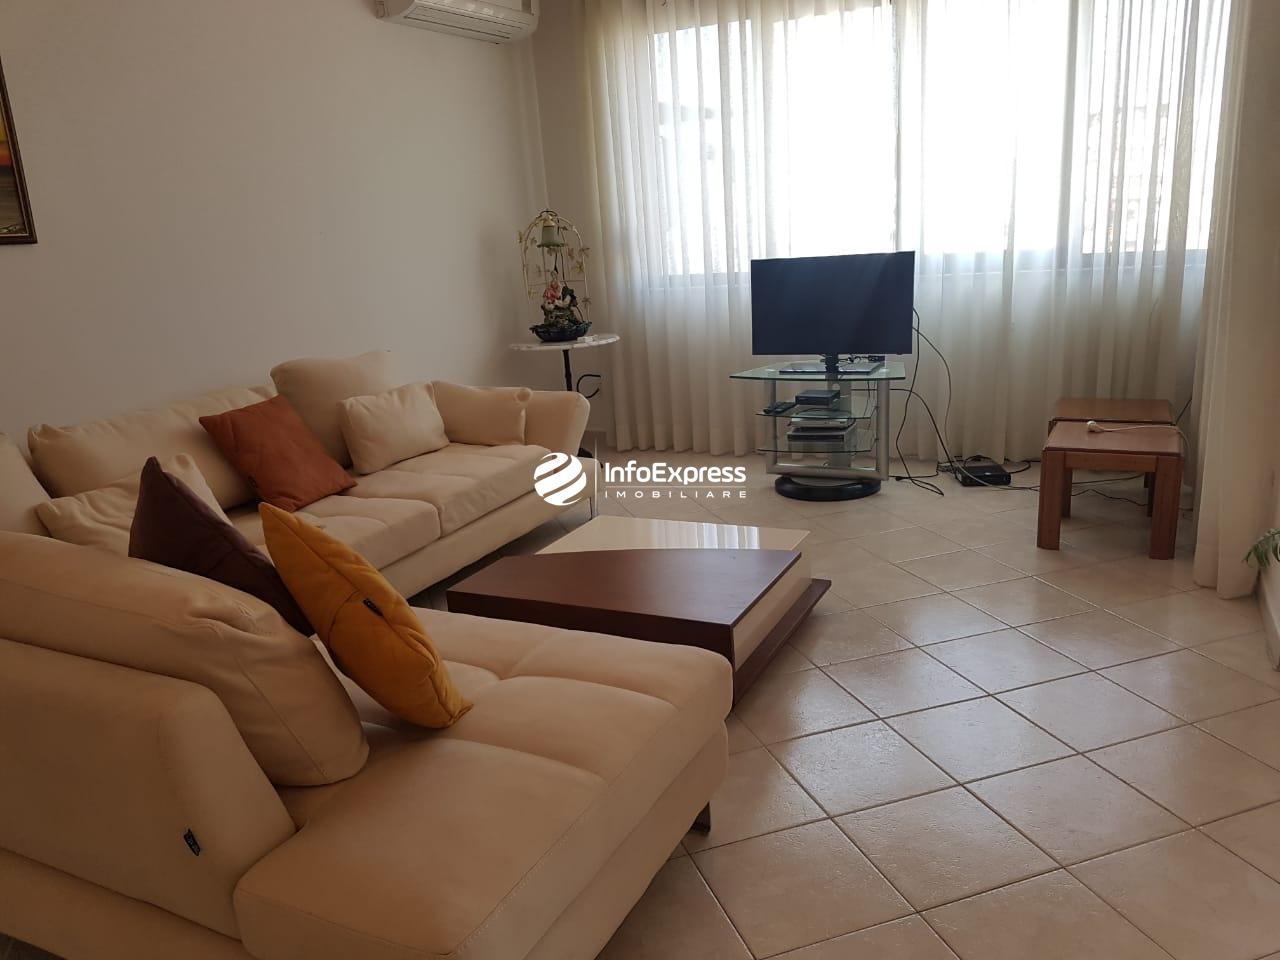 TRR-0419-1499 Jepet me qera apartament 3+1 ndodhet ne rrugen Pjeter Bogdani,ne zonen e Bllokut.